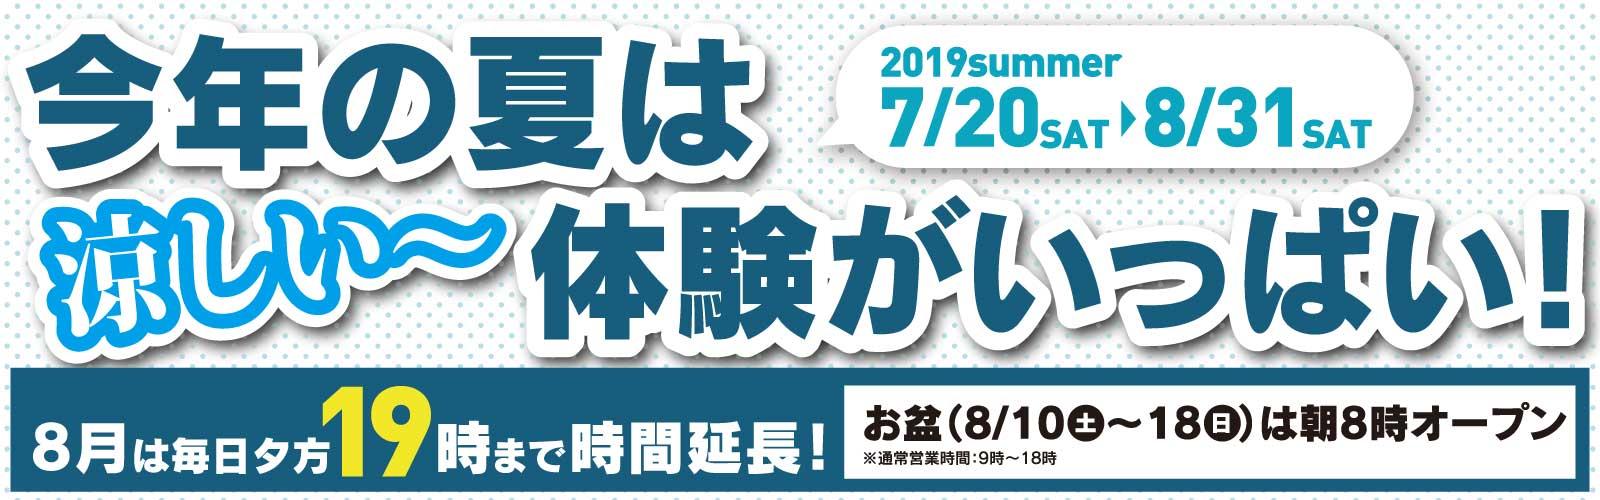 2019夏のイベント